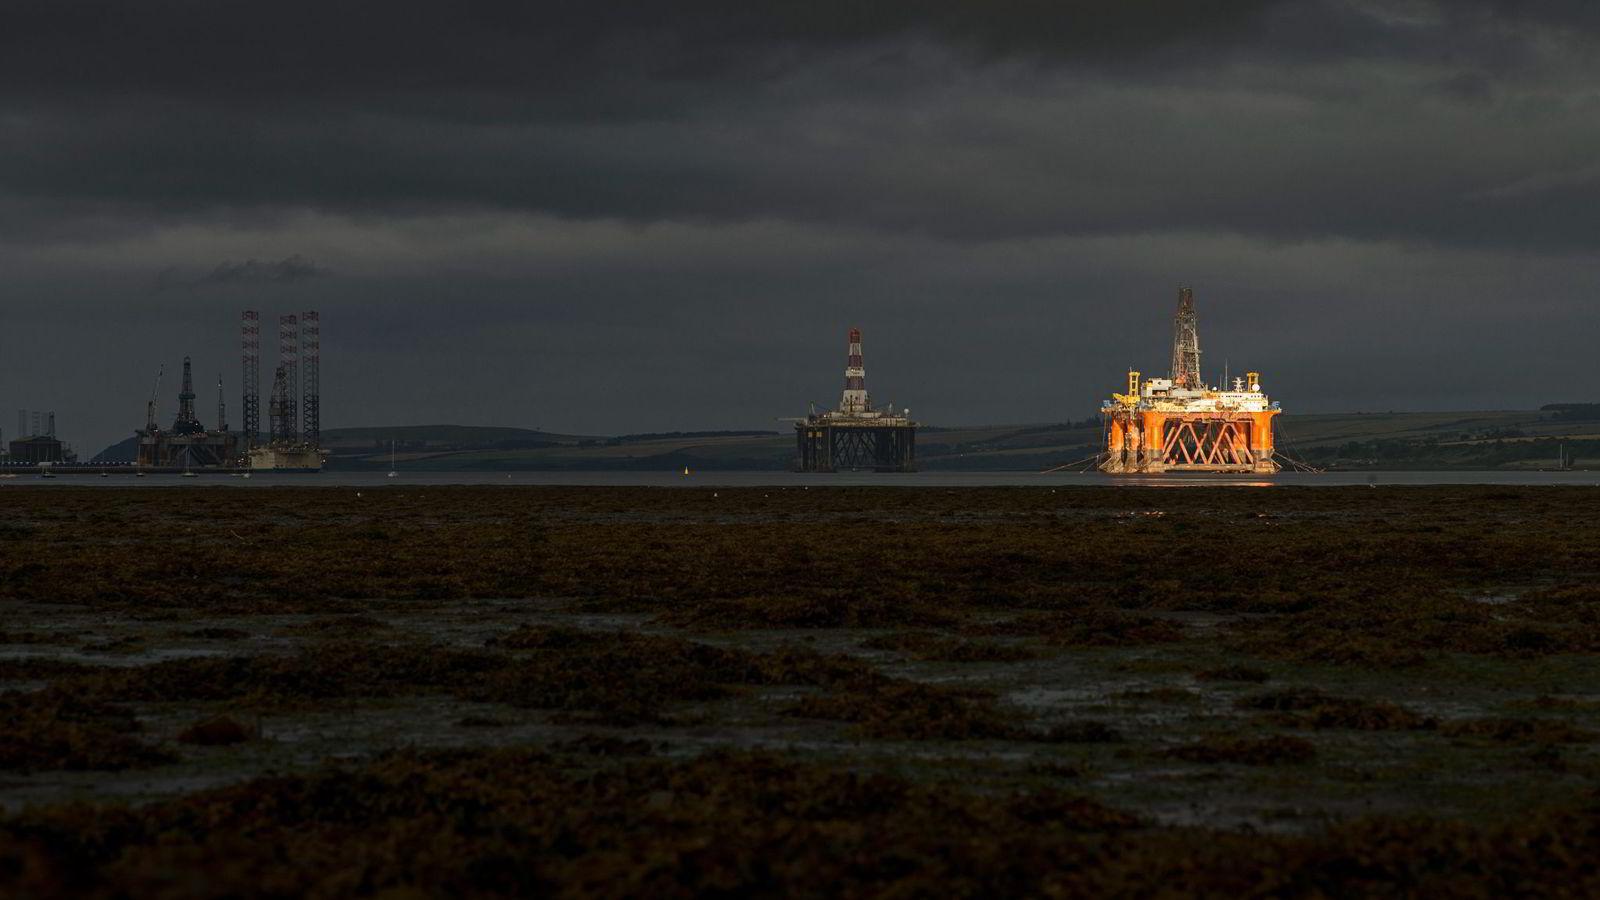 En stripe sol lyser opp en av de ti oljeriggene som ligger i opplag i Cromarty Firth, en fjord på den skotske østkysten.